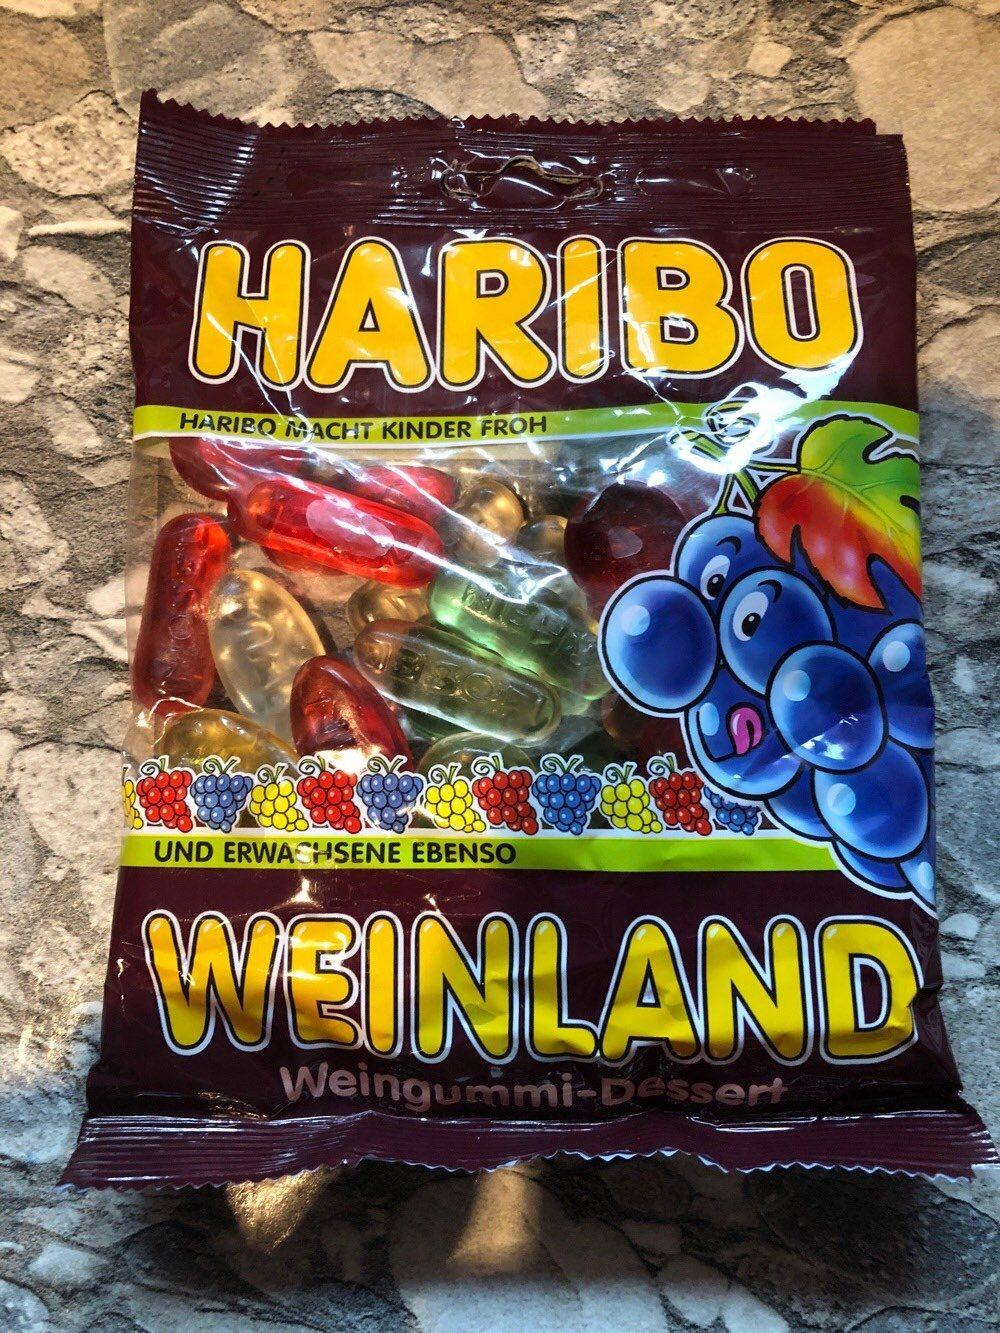 Haribo Weinland 200G - Product